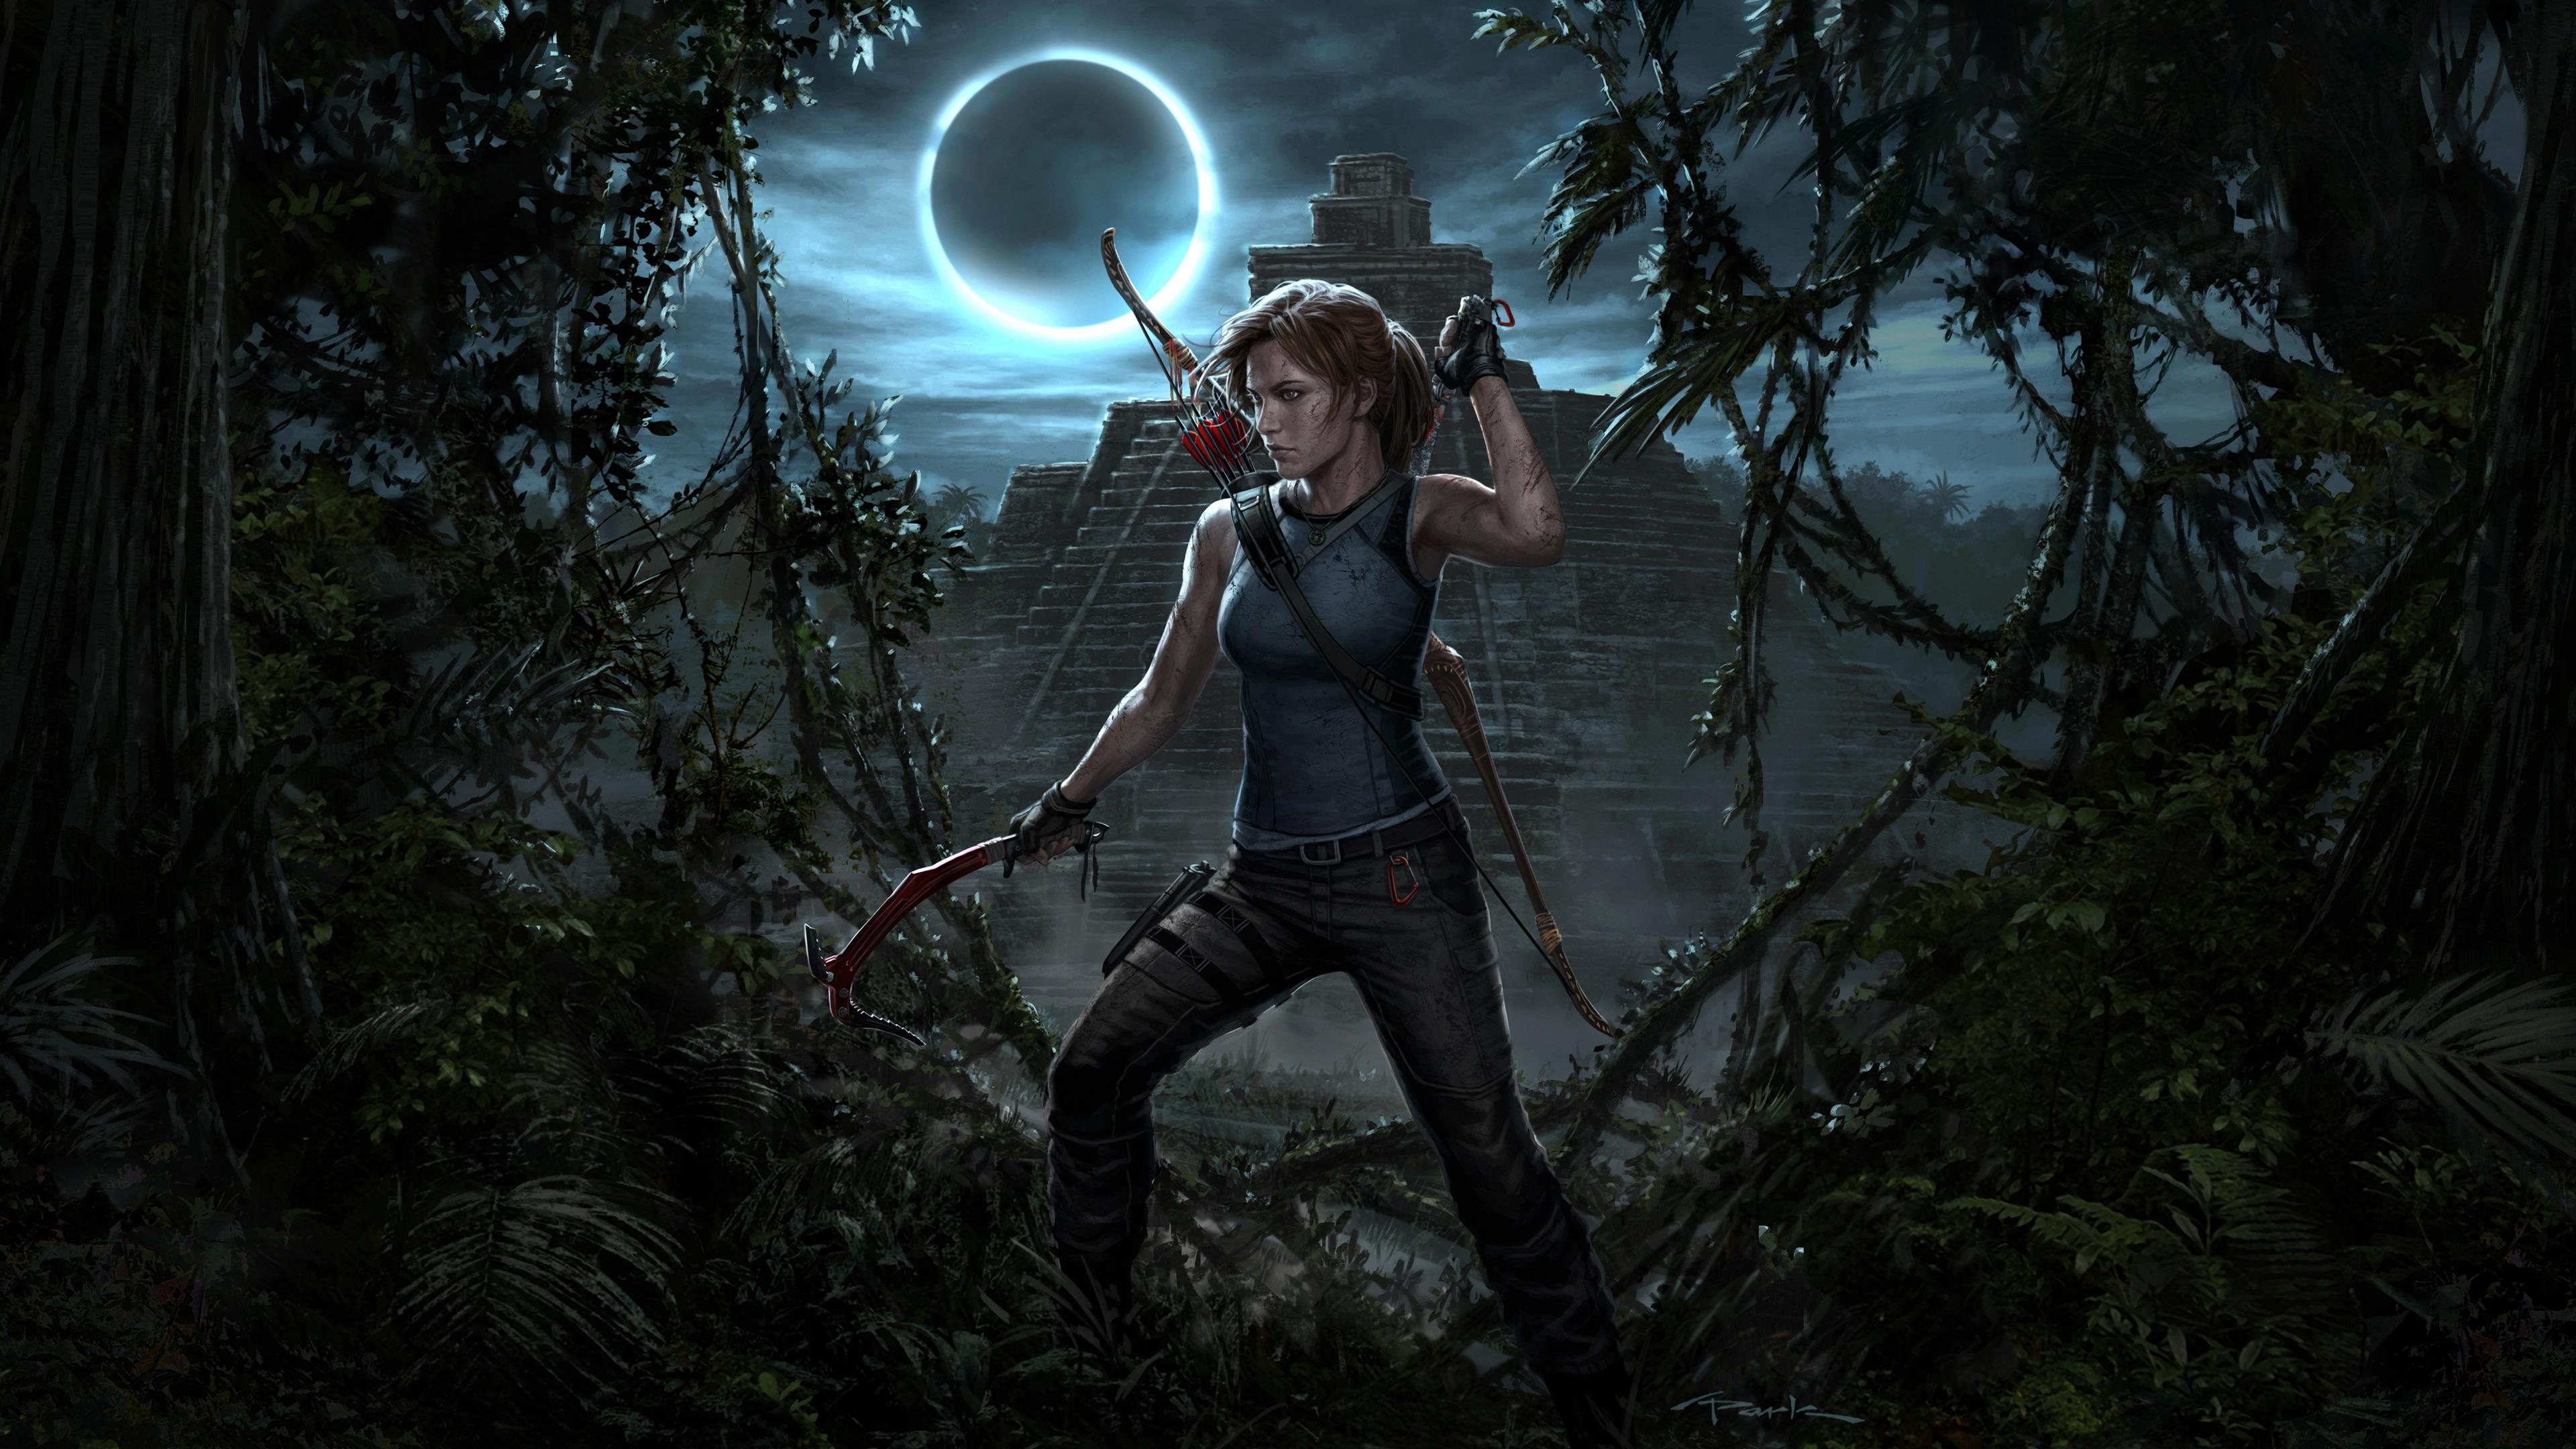 3840x2160 Lara Croft Tomb Raider Artwork 4k Hd 4k: Lara Croft Shadow Of The Tomb Raider 4k, HD Games, 4k